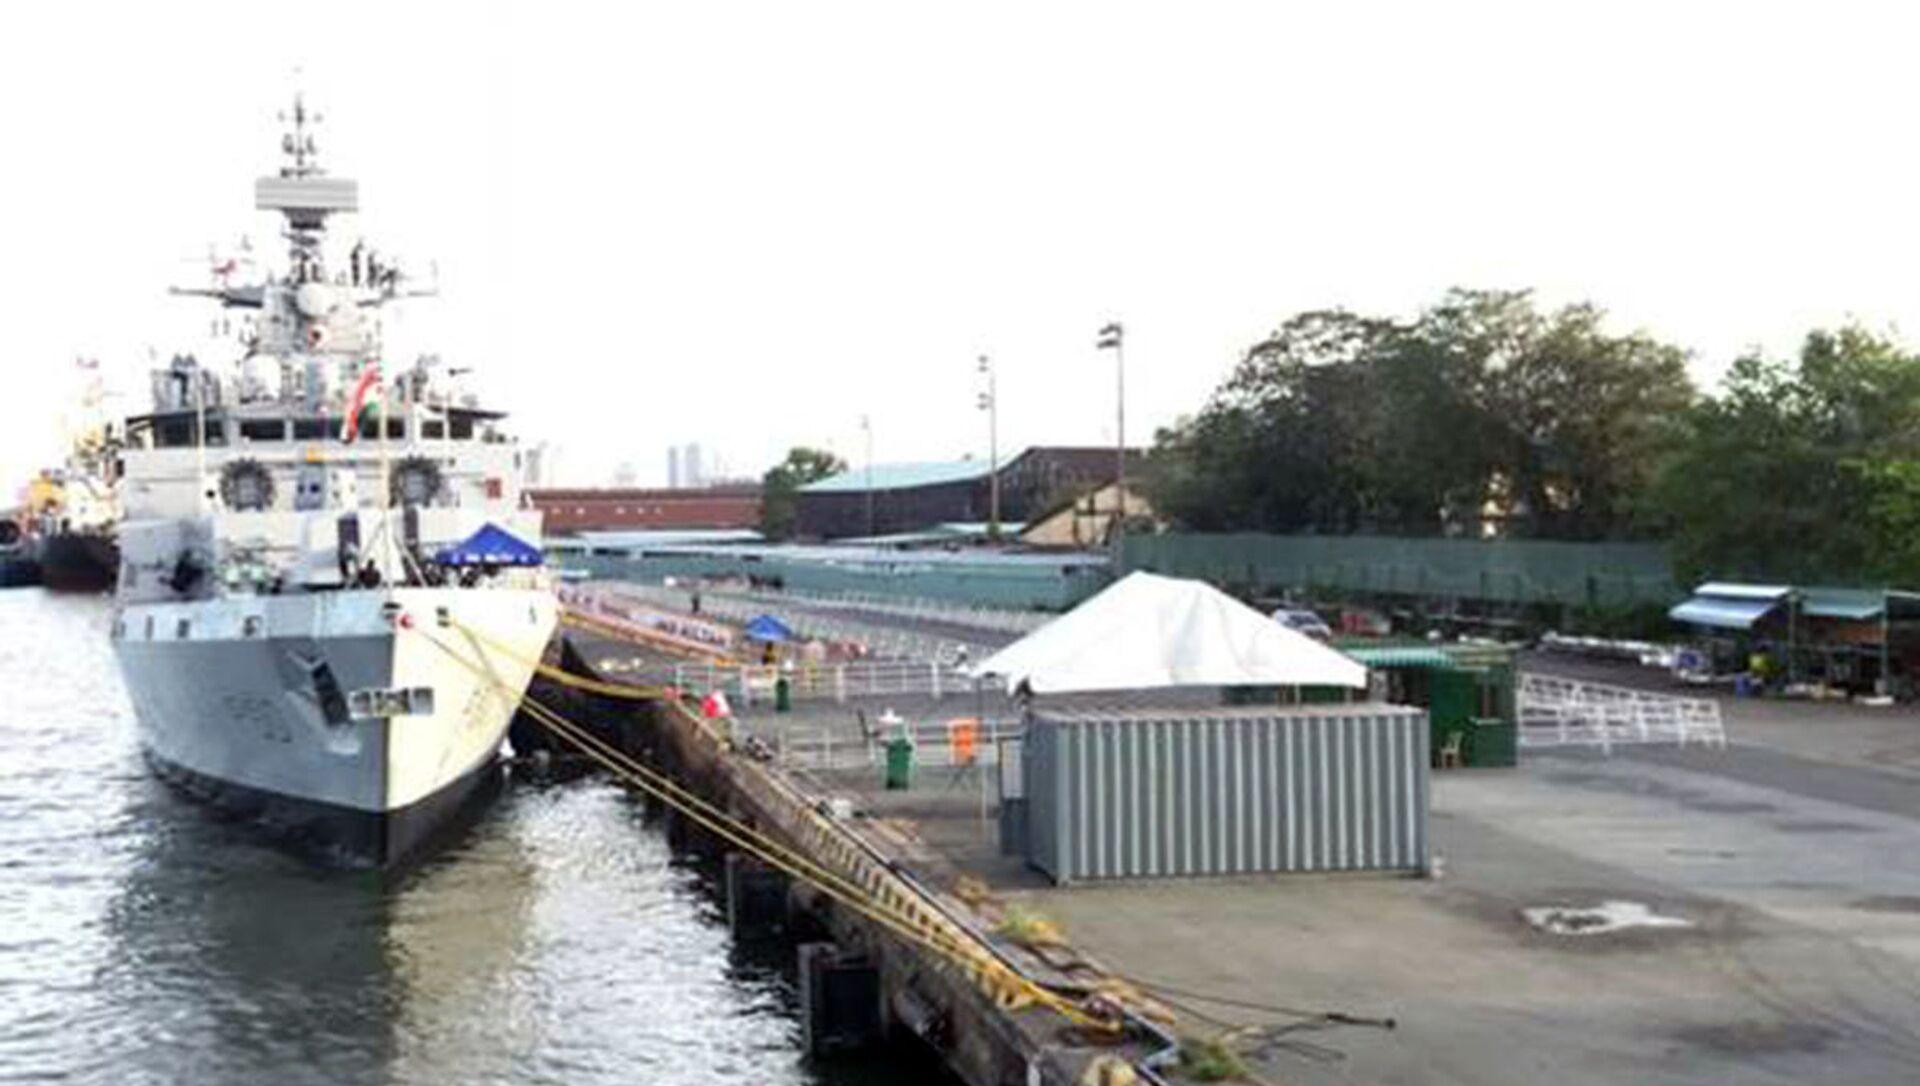 Tàu chiến Ấn Độ Kiltan cập cảng Nhà Rồng, Thành phố Hồ Chí Minh ngày 24 tháng 12 năm 2020 trong khuôn khổ sứ mệnh Sagar-III. - Sputnik Việt Nam, 1920, 09.03.2021